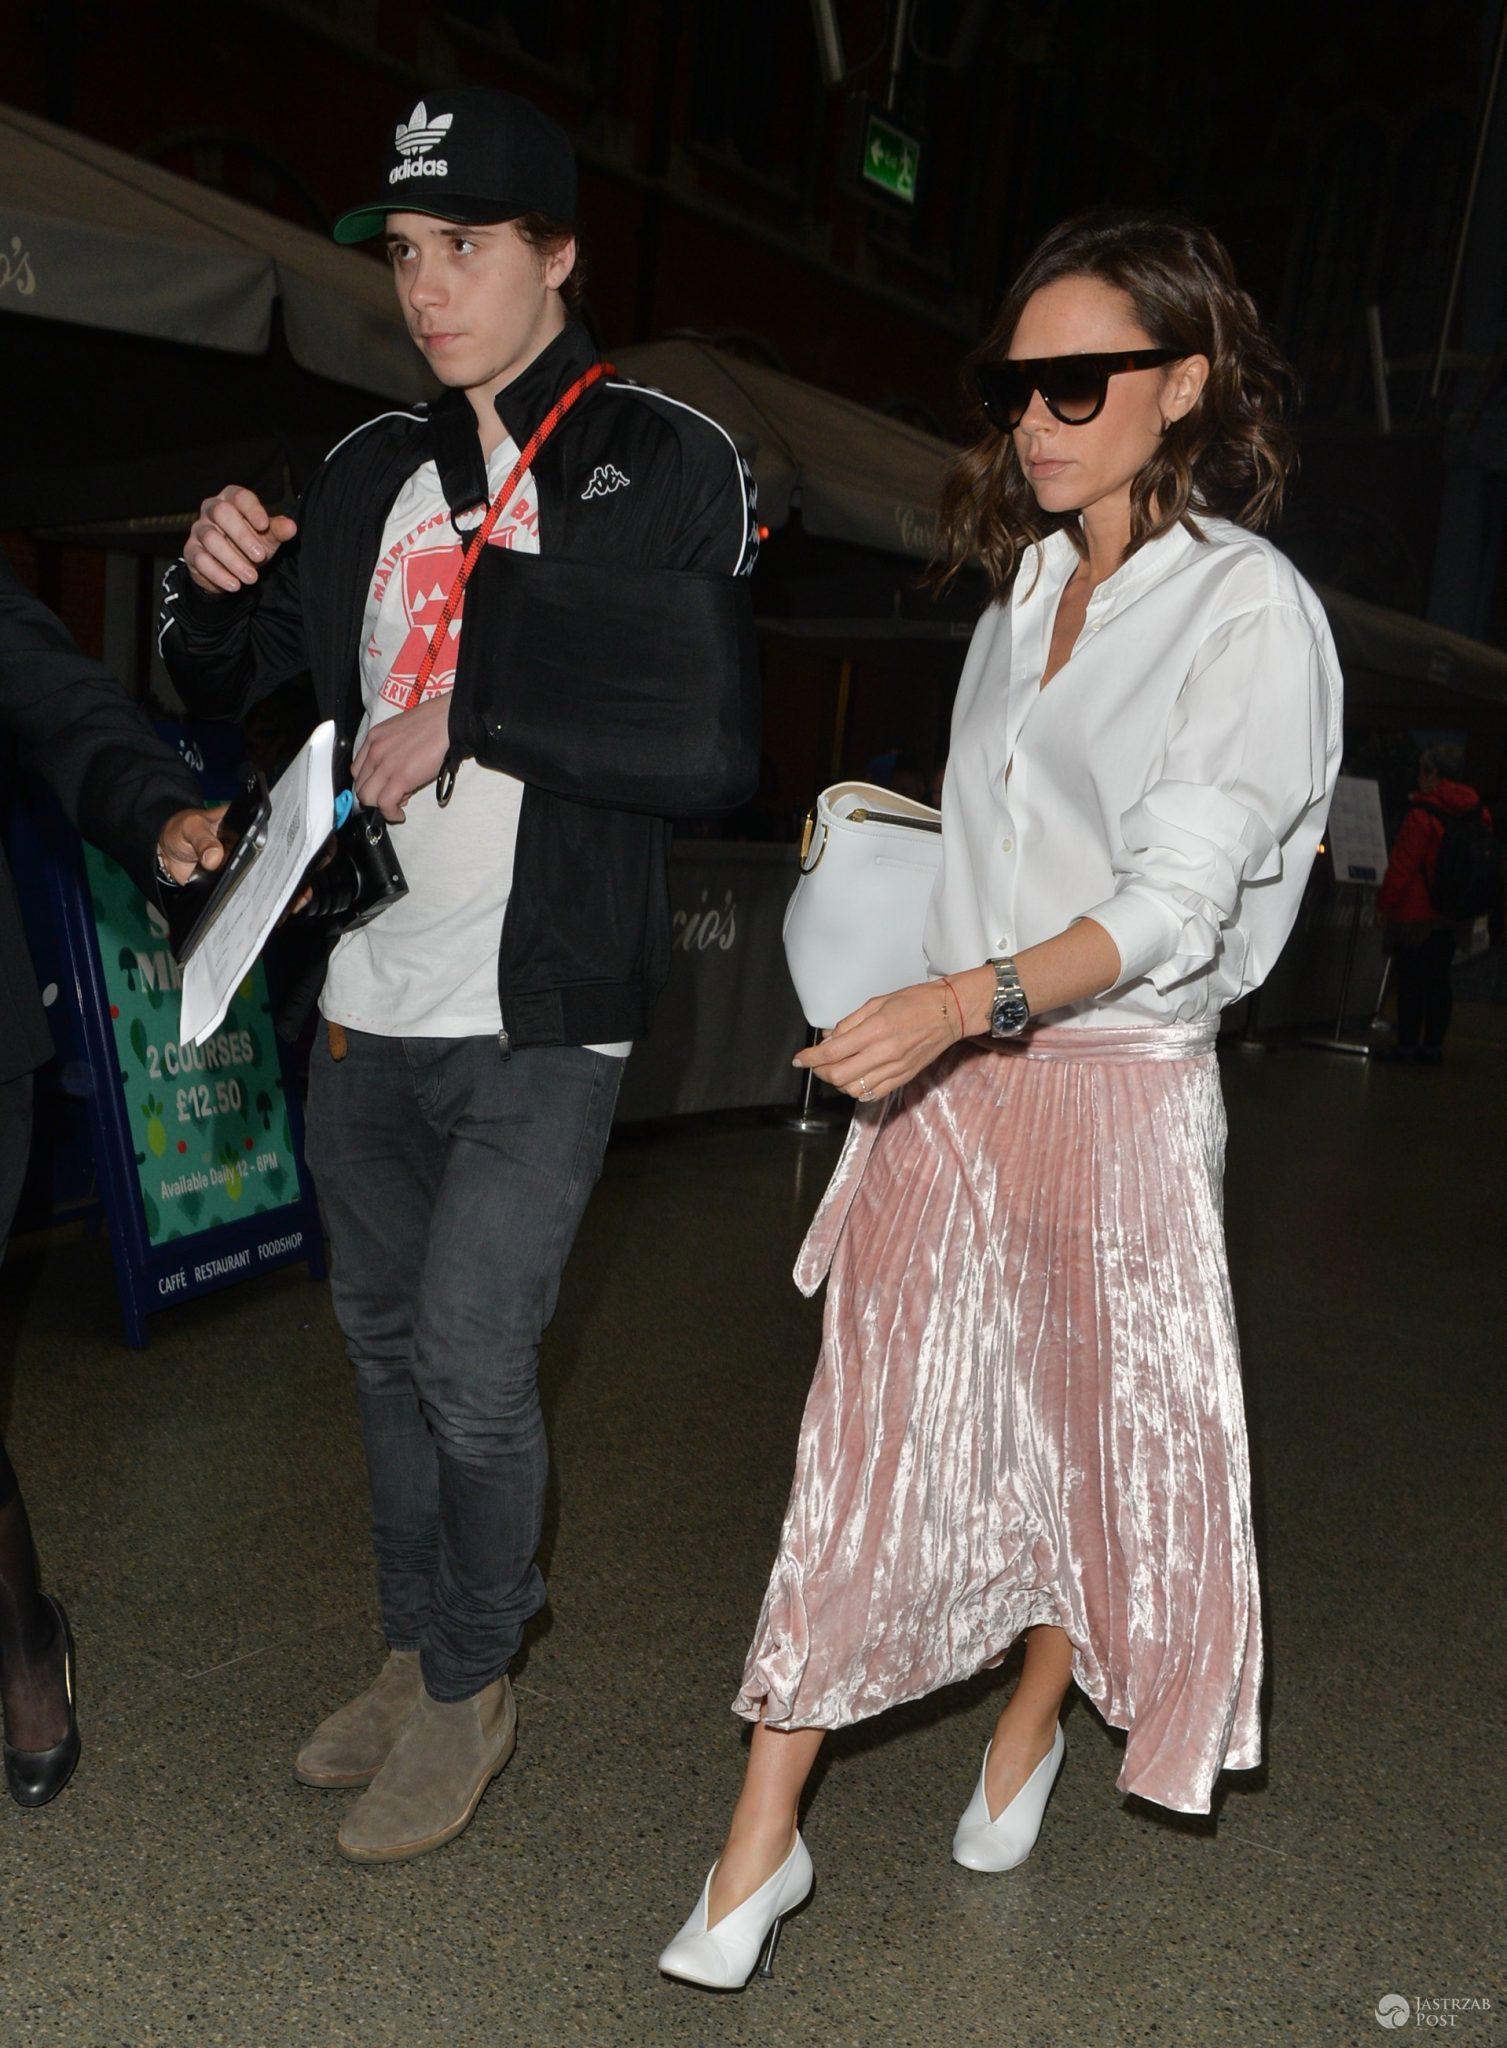 Brooklyn Beckham jeszcze nie wrócił do formy po wypadku. Paparazzi przyłapali go na lotnisku z Victorią - Victoria i Brooklyn Beckham